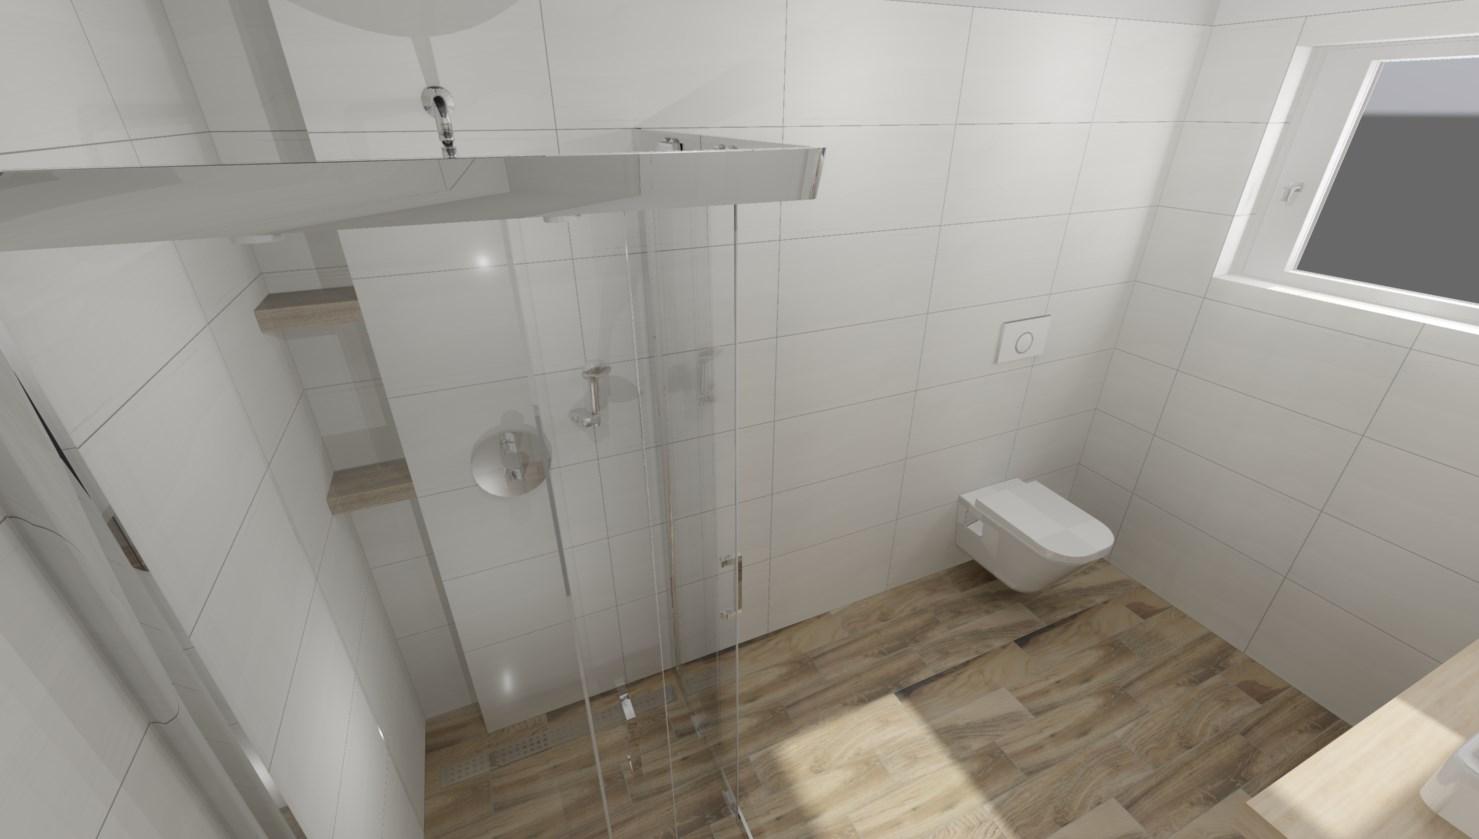 Pasivní domeček - Návrh koupelen ze Sika. Obklady jsme vybrali Rako Boa